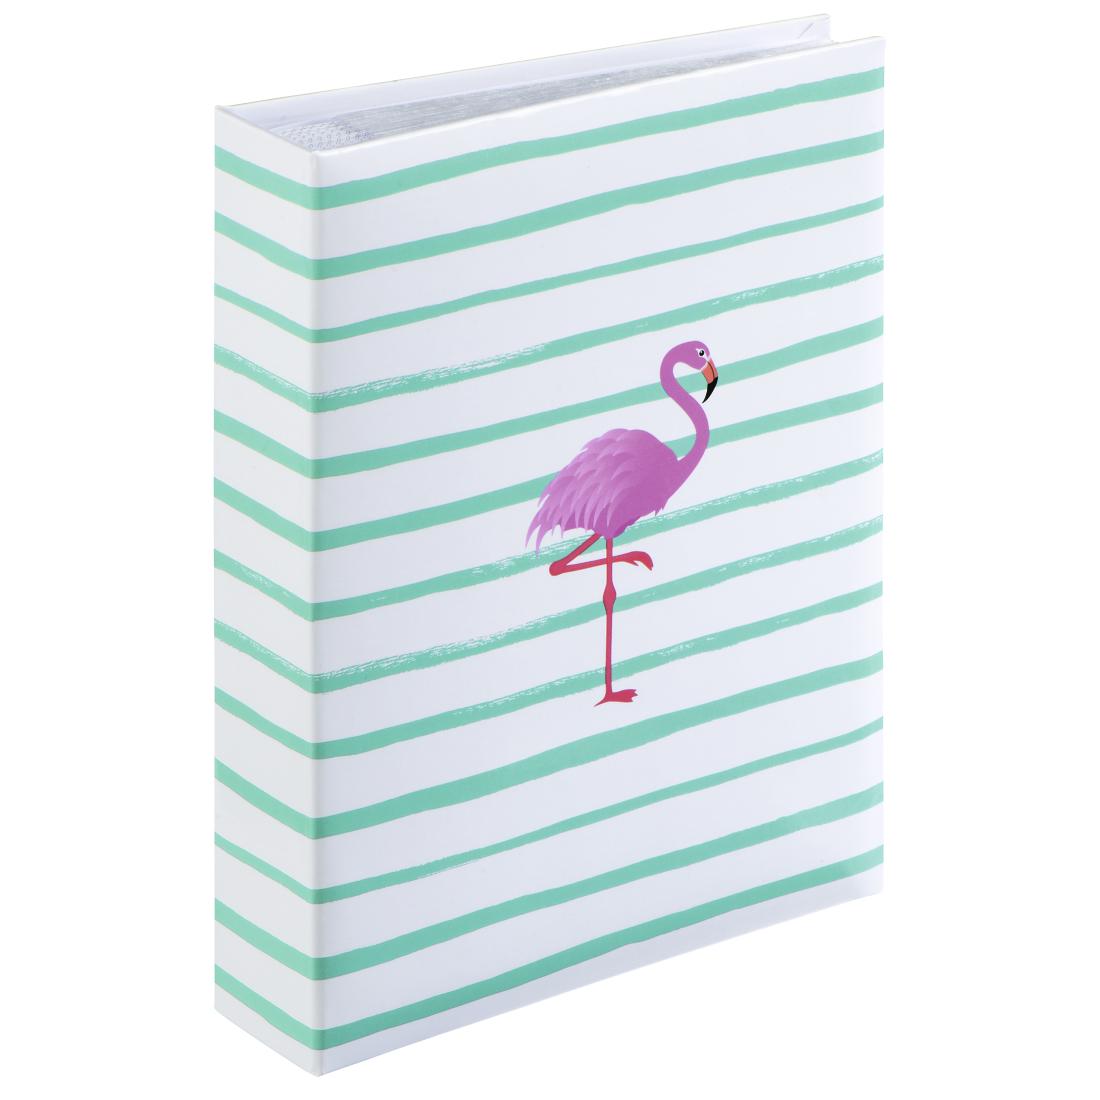 00001968 Hama Flamingo Stripes Memo Album For 200 Photos With A Size Of 10x15 Cm Hama De